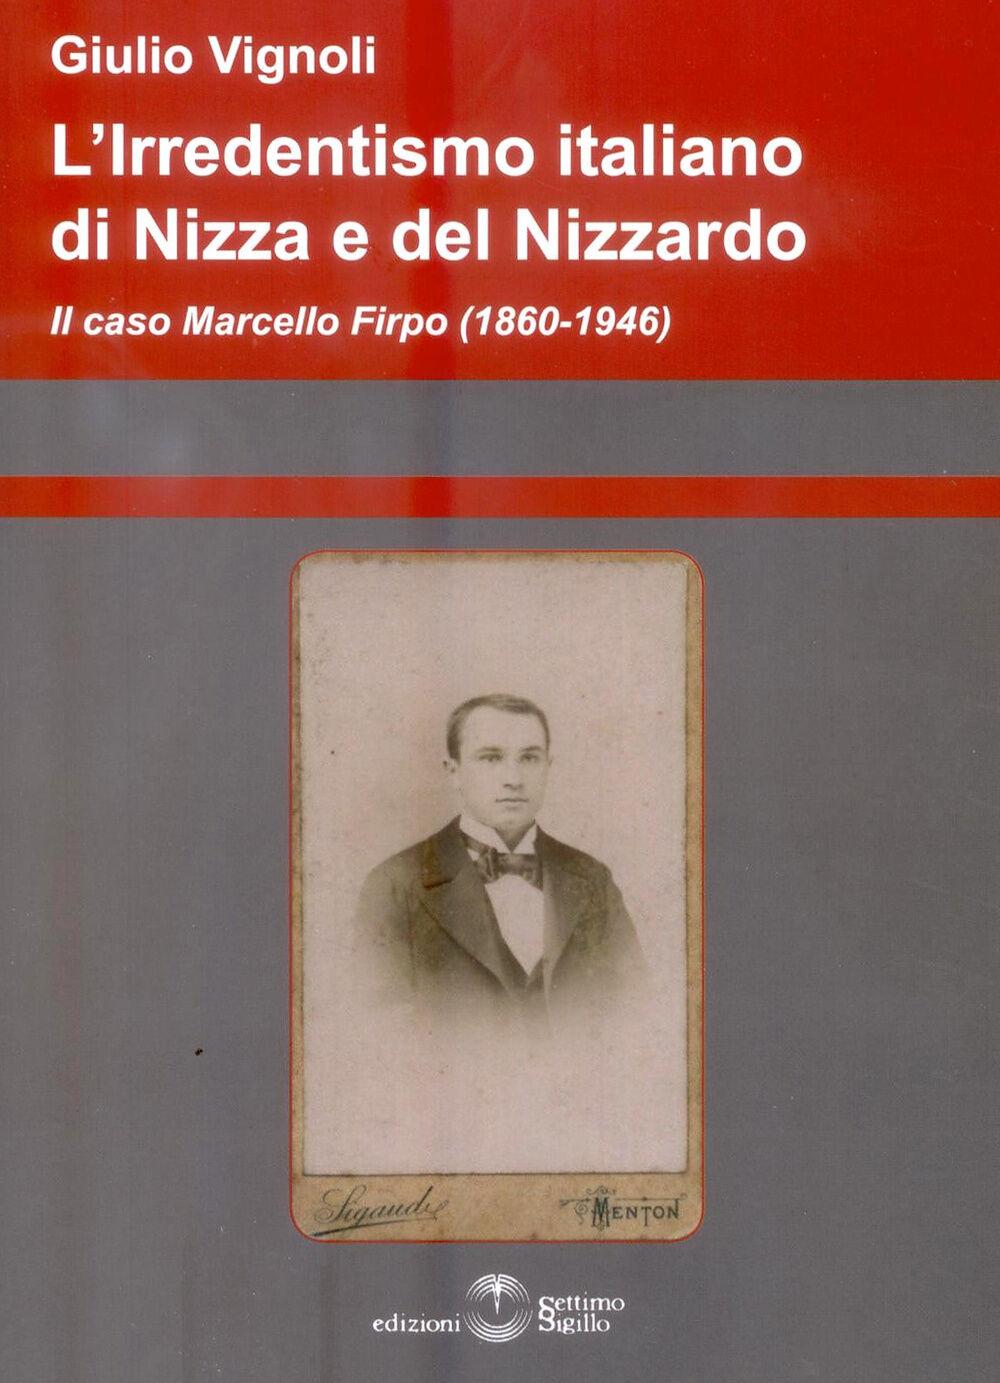 L' irredentismo italiano di Nizza e del Nizzardo 1860-1946